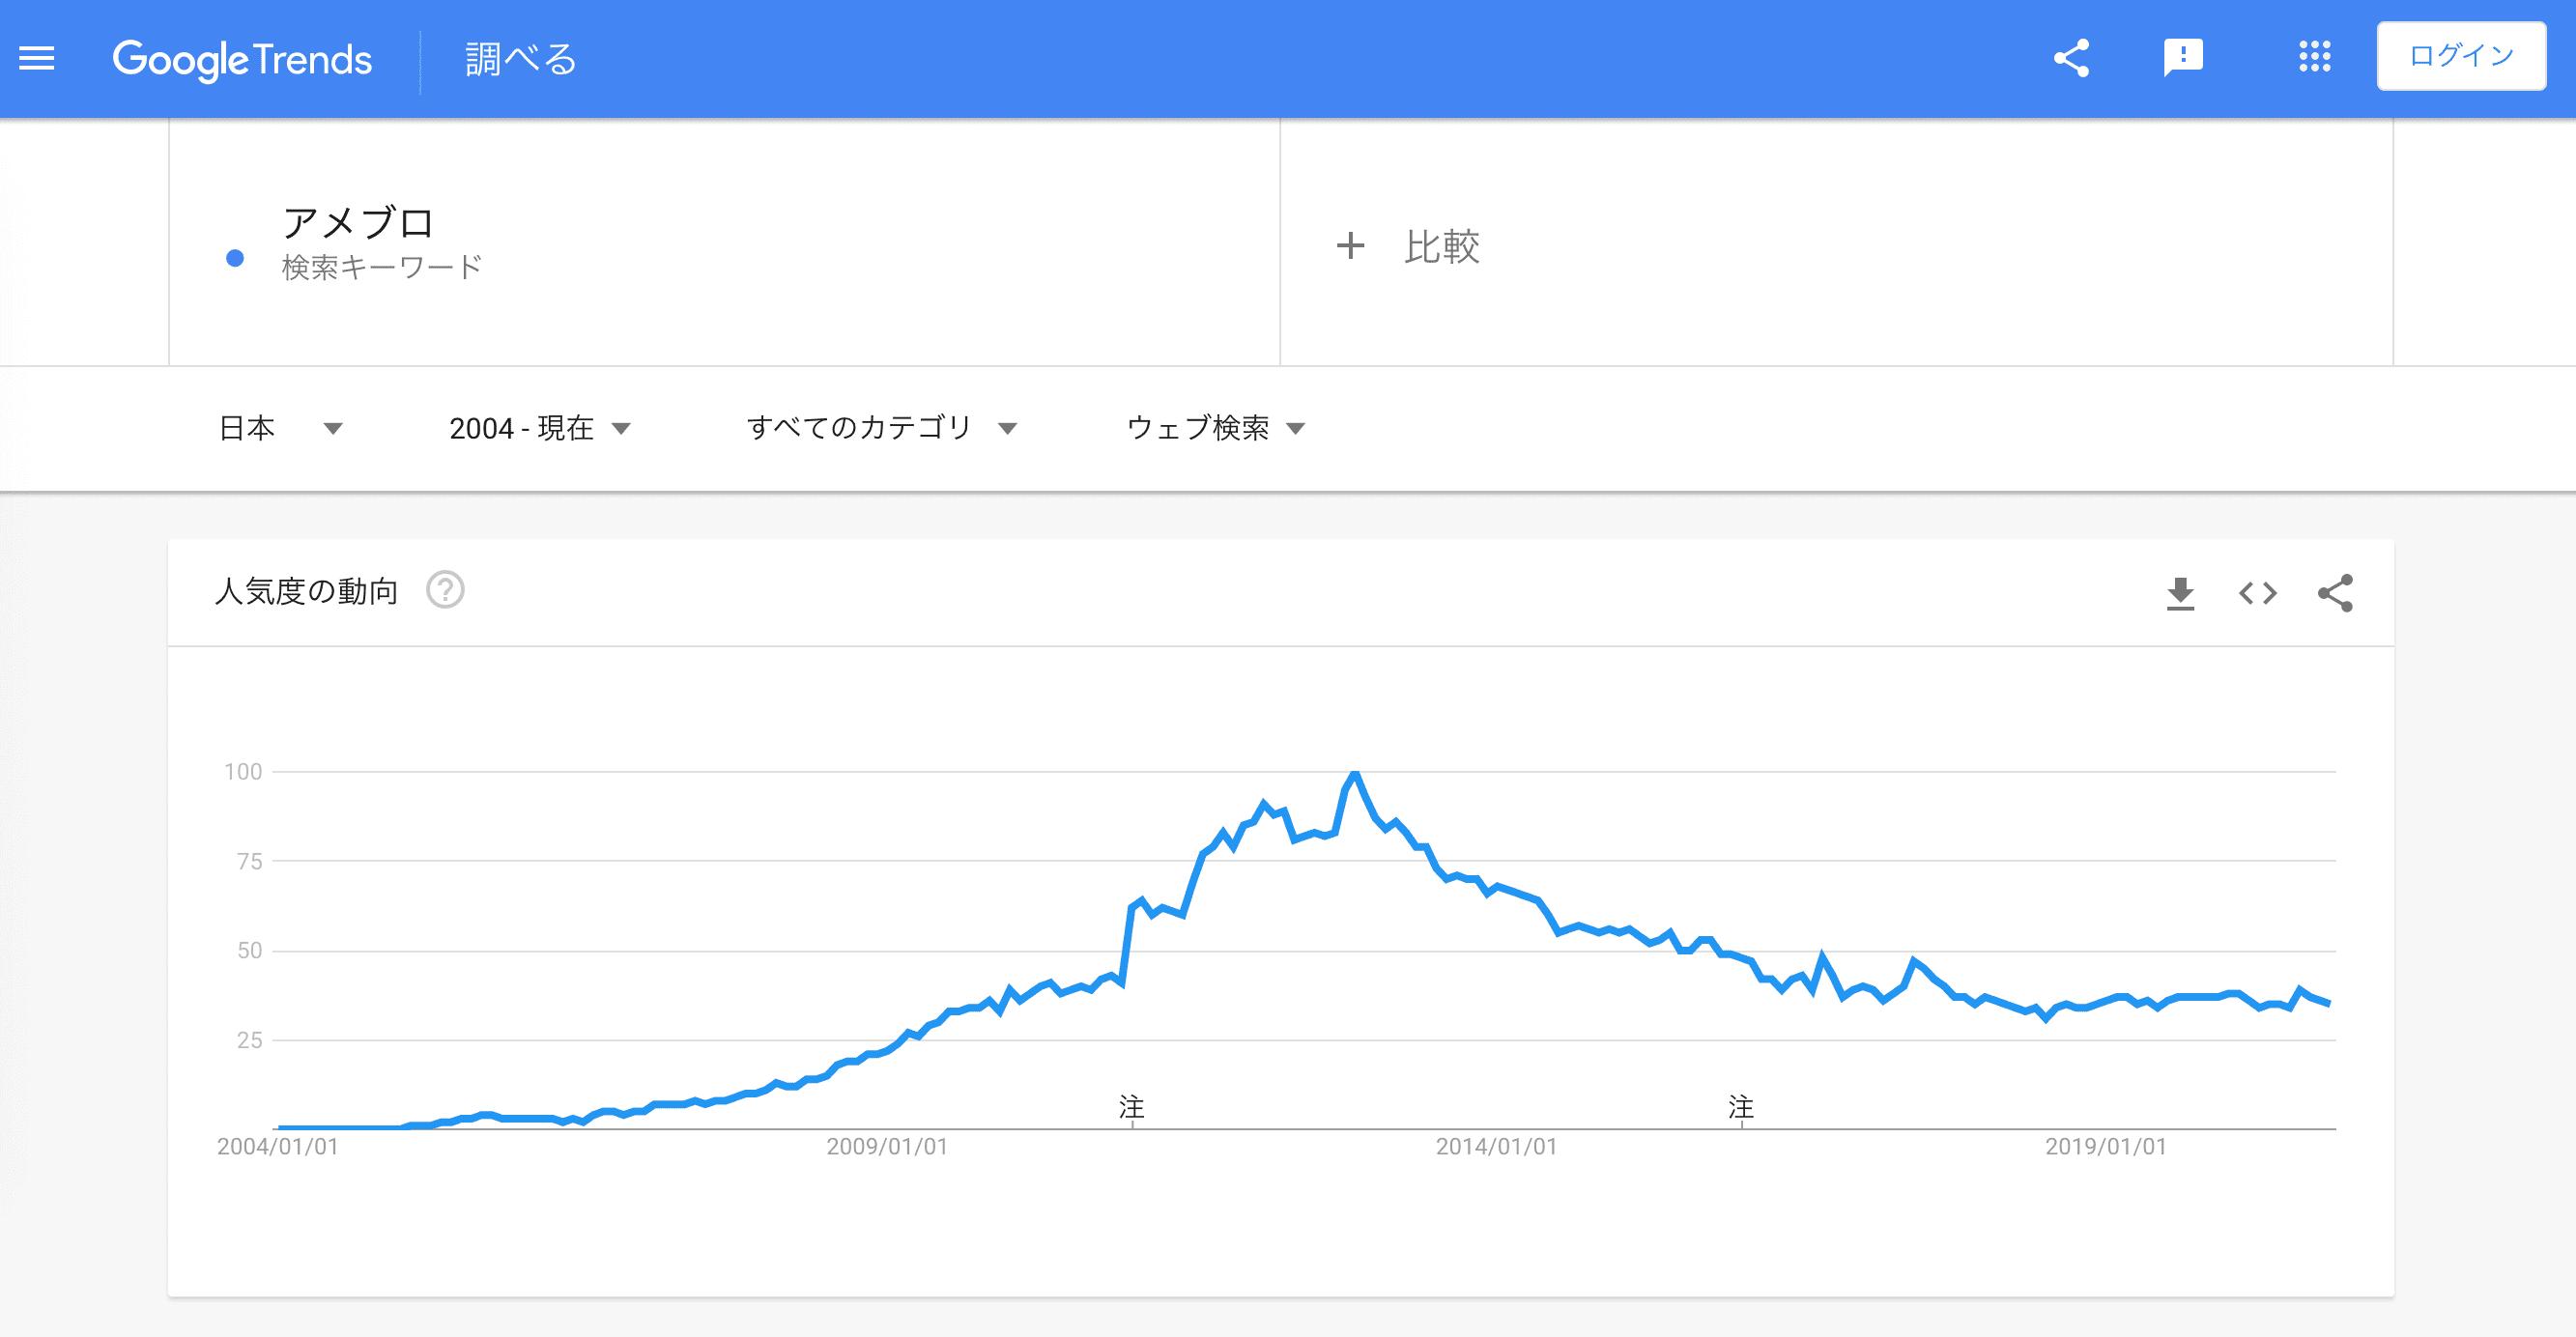 アメブロの注目傾向のグラフ